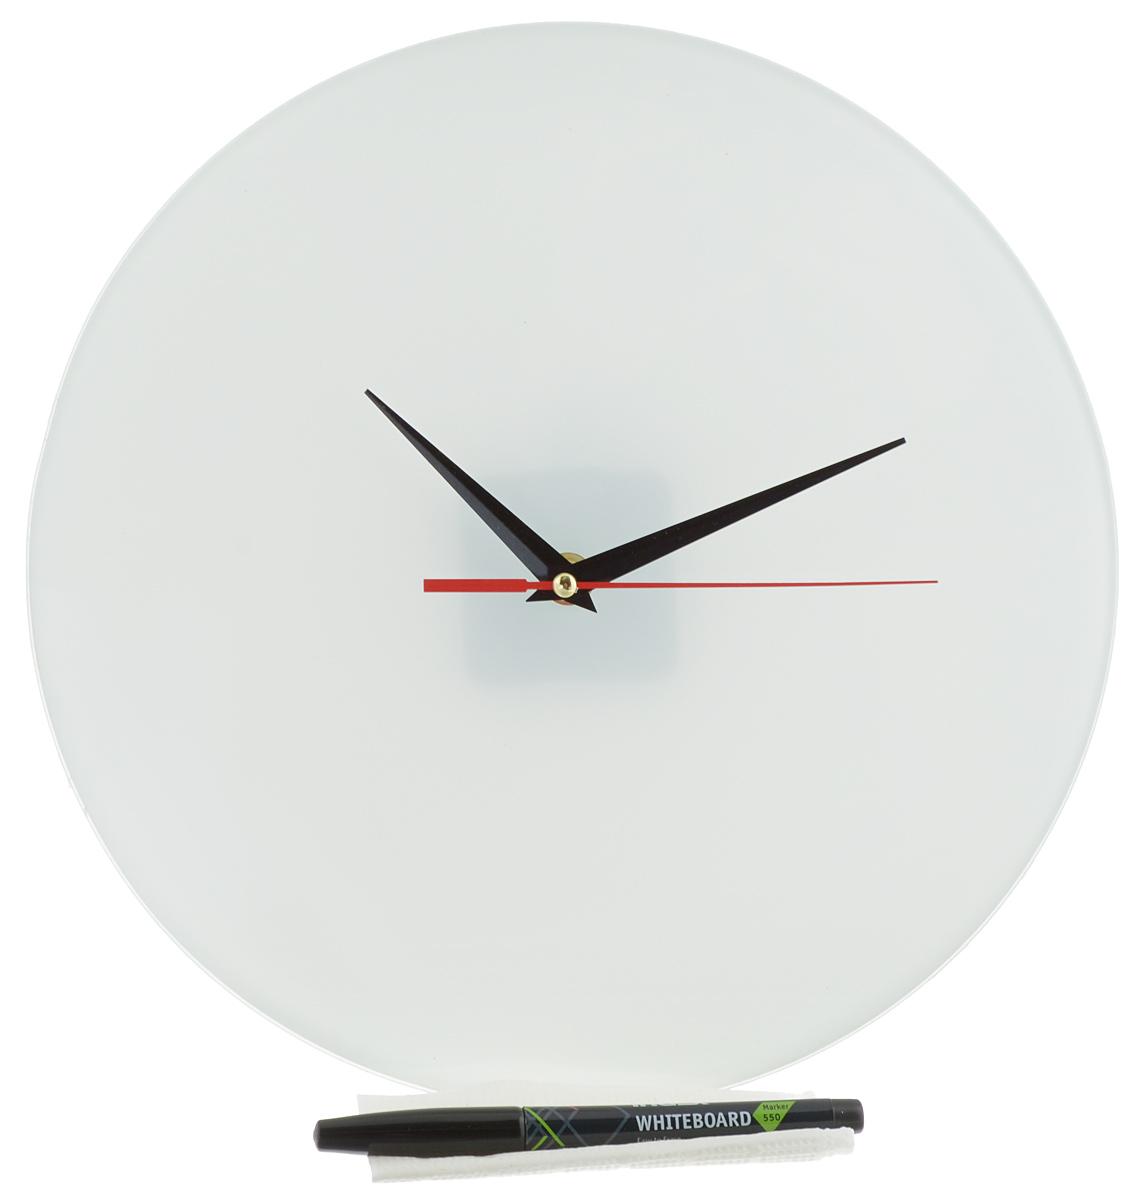 Часы настенные Эврика Нарисуй сам, стеклянные, цвет: белый, диаметр 28 см300148_бирюзовыйНастенные часы Нарисуй сам своим необычным дизайном подчеркнут стильность и оригинальность интерьера вашего дома. Циферблат часов выполнен из стекла белого цвета. В комплекте черный маркер с салфеткой, с помощью которых вы сможете сами создать дизайн ваших часов. Часы имеют три стрелки - часовую, минутную и секундную. На задней стенке часов расположена металлическая петелька для подвешивания. Часы работают от одной батарейки типа АА.Диаметр часов: 28 см.Такие часы послужат отличным подарком для ценителя ярких и необычных вещей.Батарейка в комплект не входит.